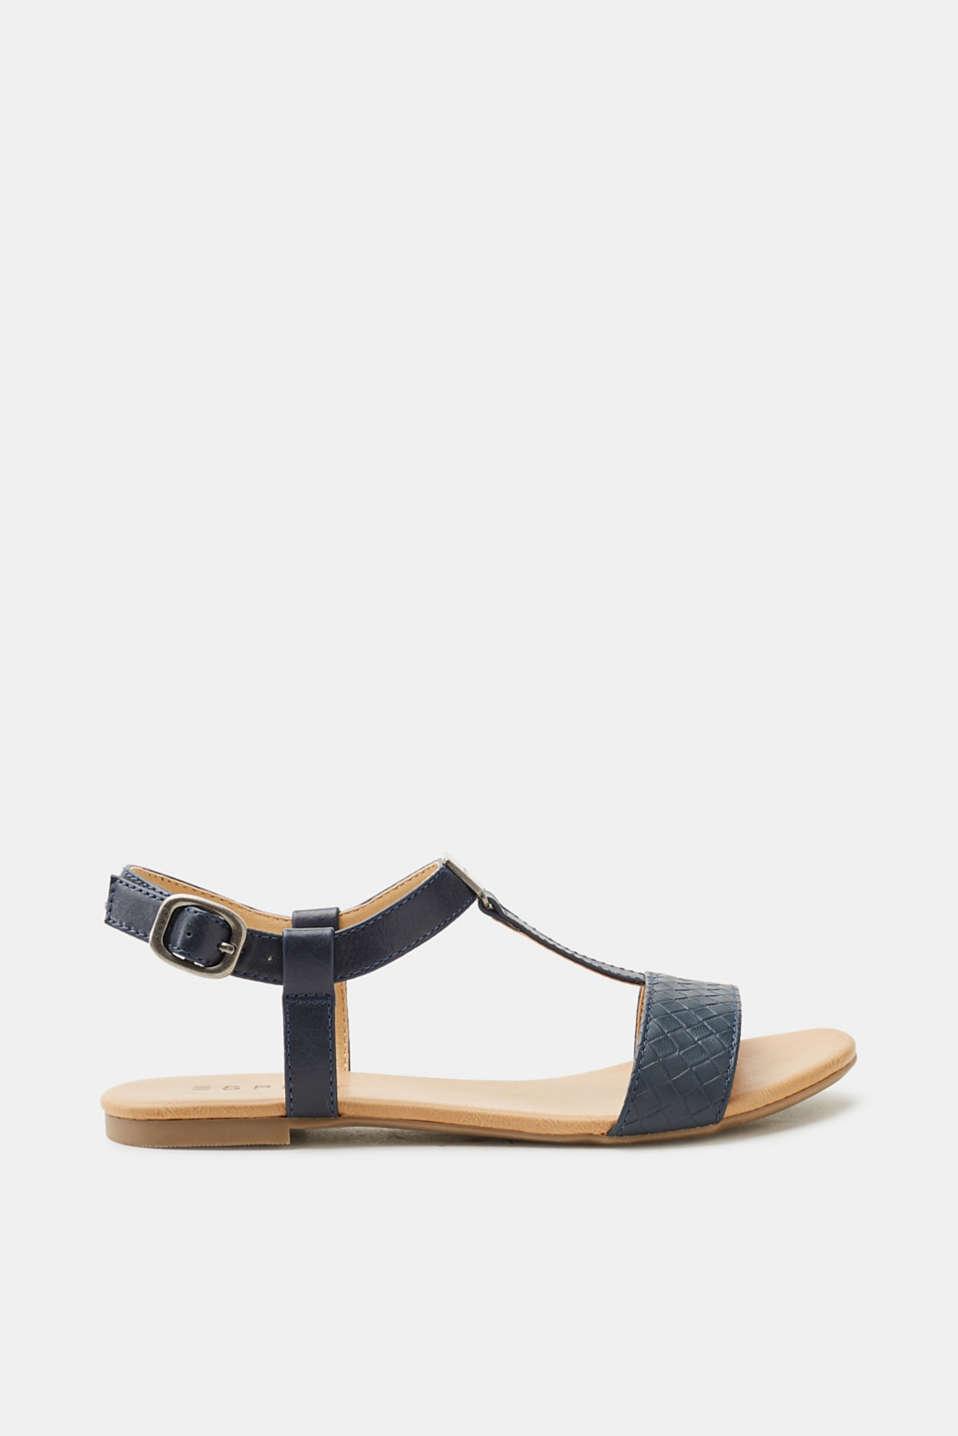 Esprit Flache Sandale mit Fransen-Dekor für Damen, Größe 39, Navy